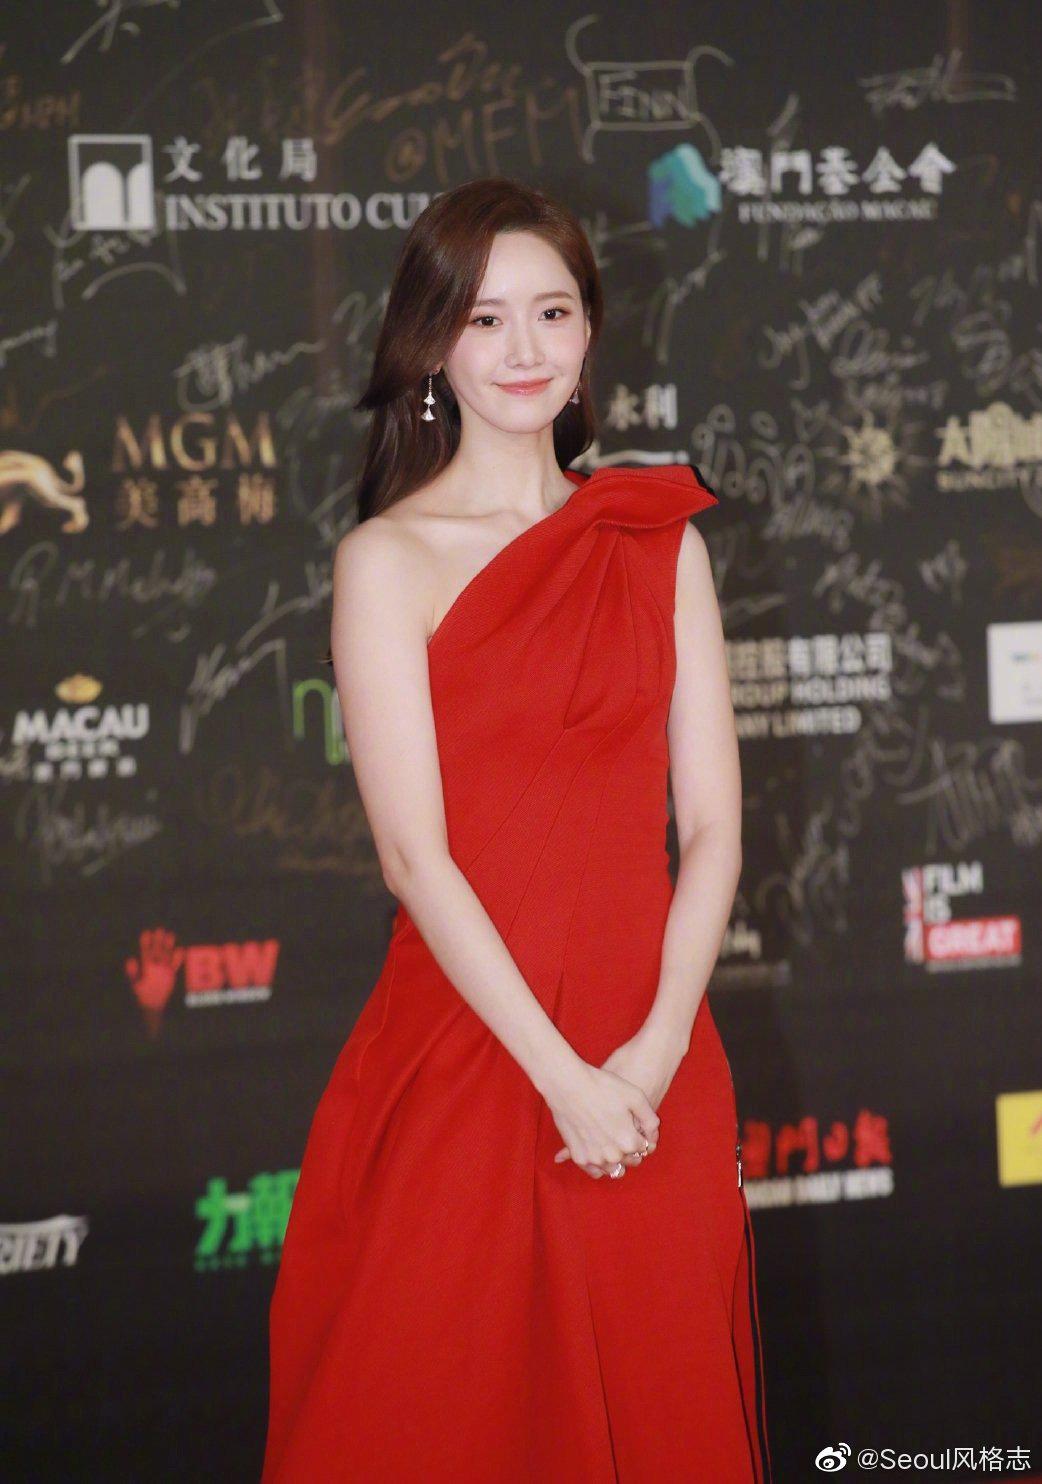 Yoona thay liền 2 bộ váy: Vừa kín đáo đã quay ngoắt sang lồng lộn đúng chuẩn 'nữ hoàng thảm đỏ' khiến ai cũng trầm trồ 6